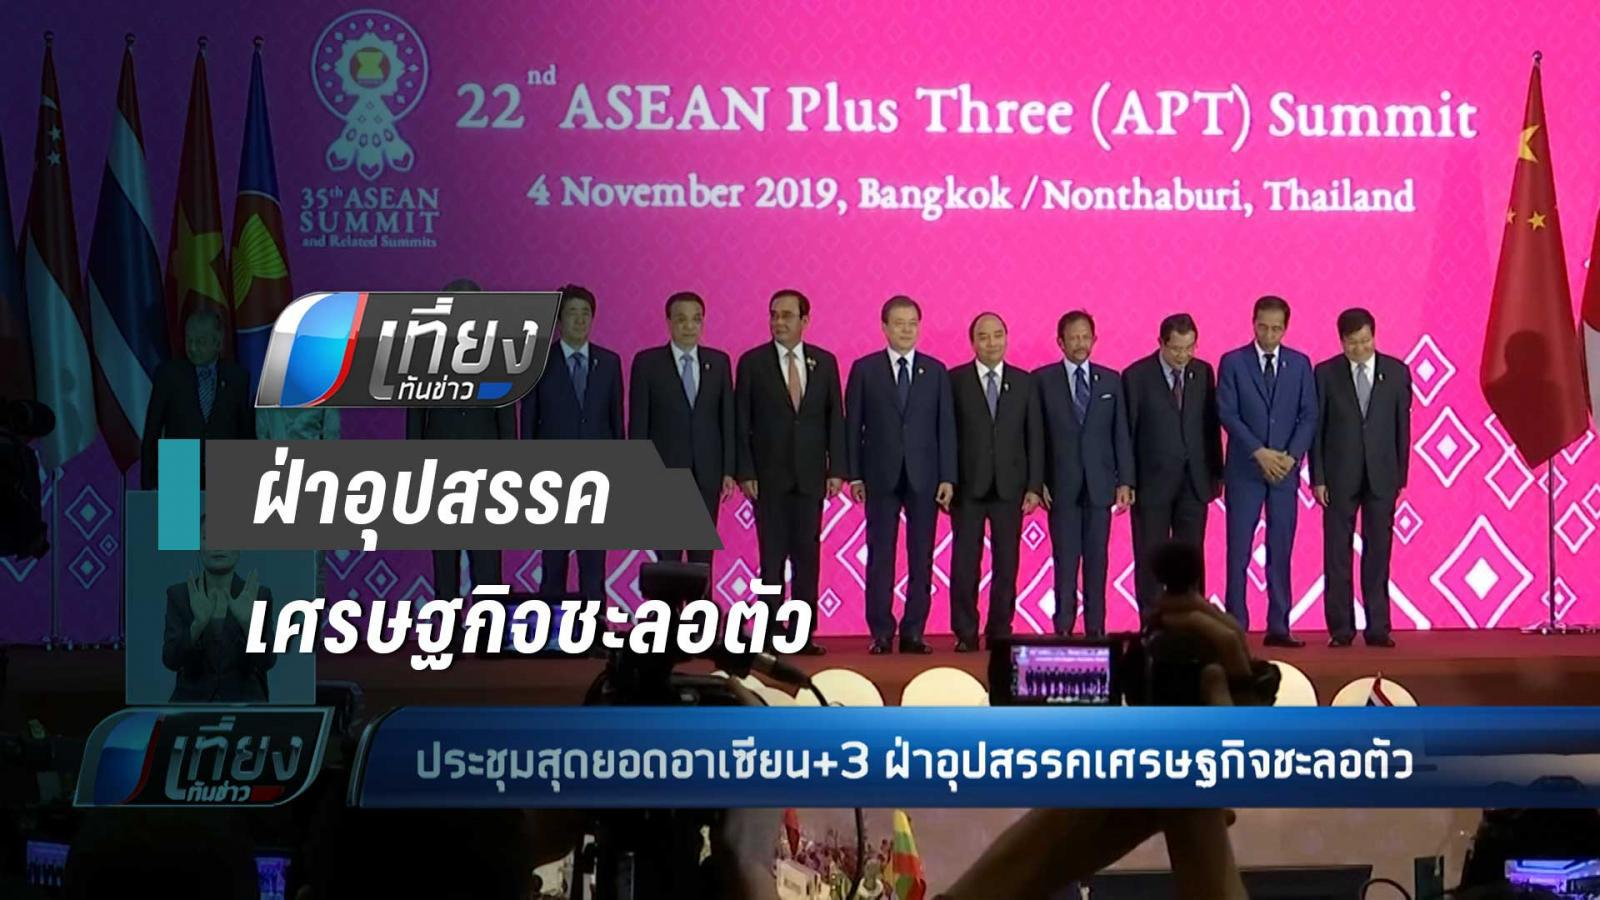 ประชุมสุดยอดอาเซียน+3 ฝ่าอุปสรรคเศรษฐกิจชะลอตัว